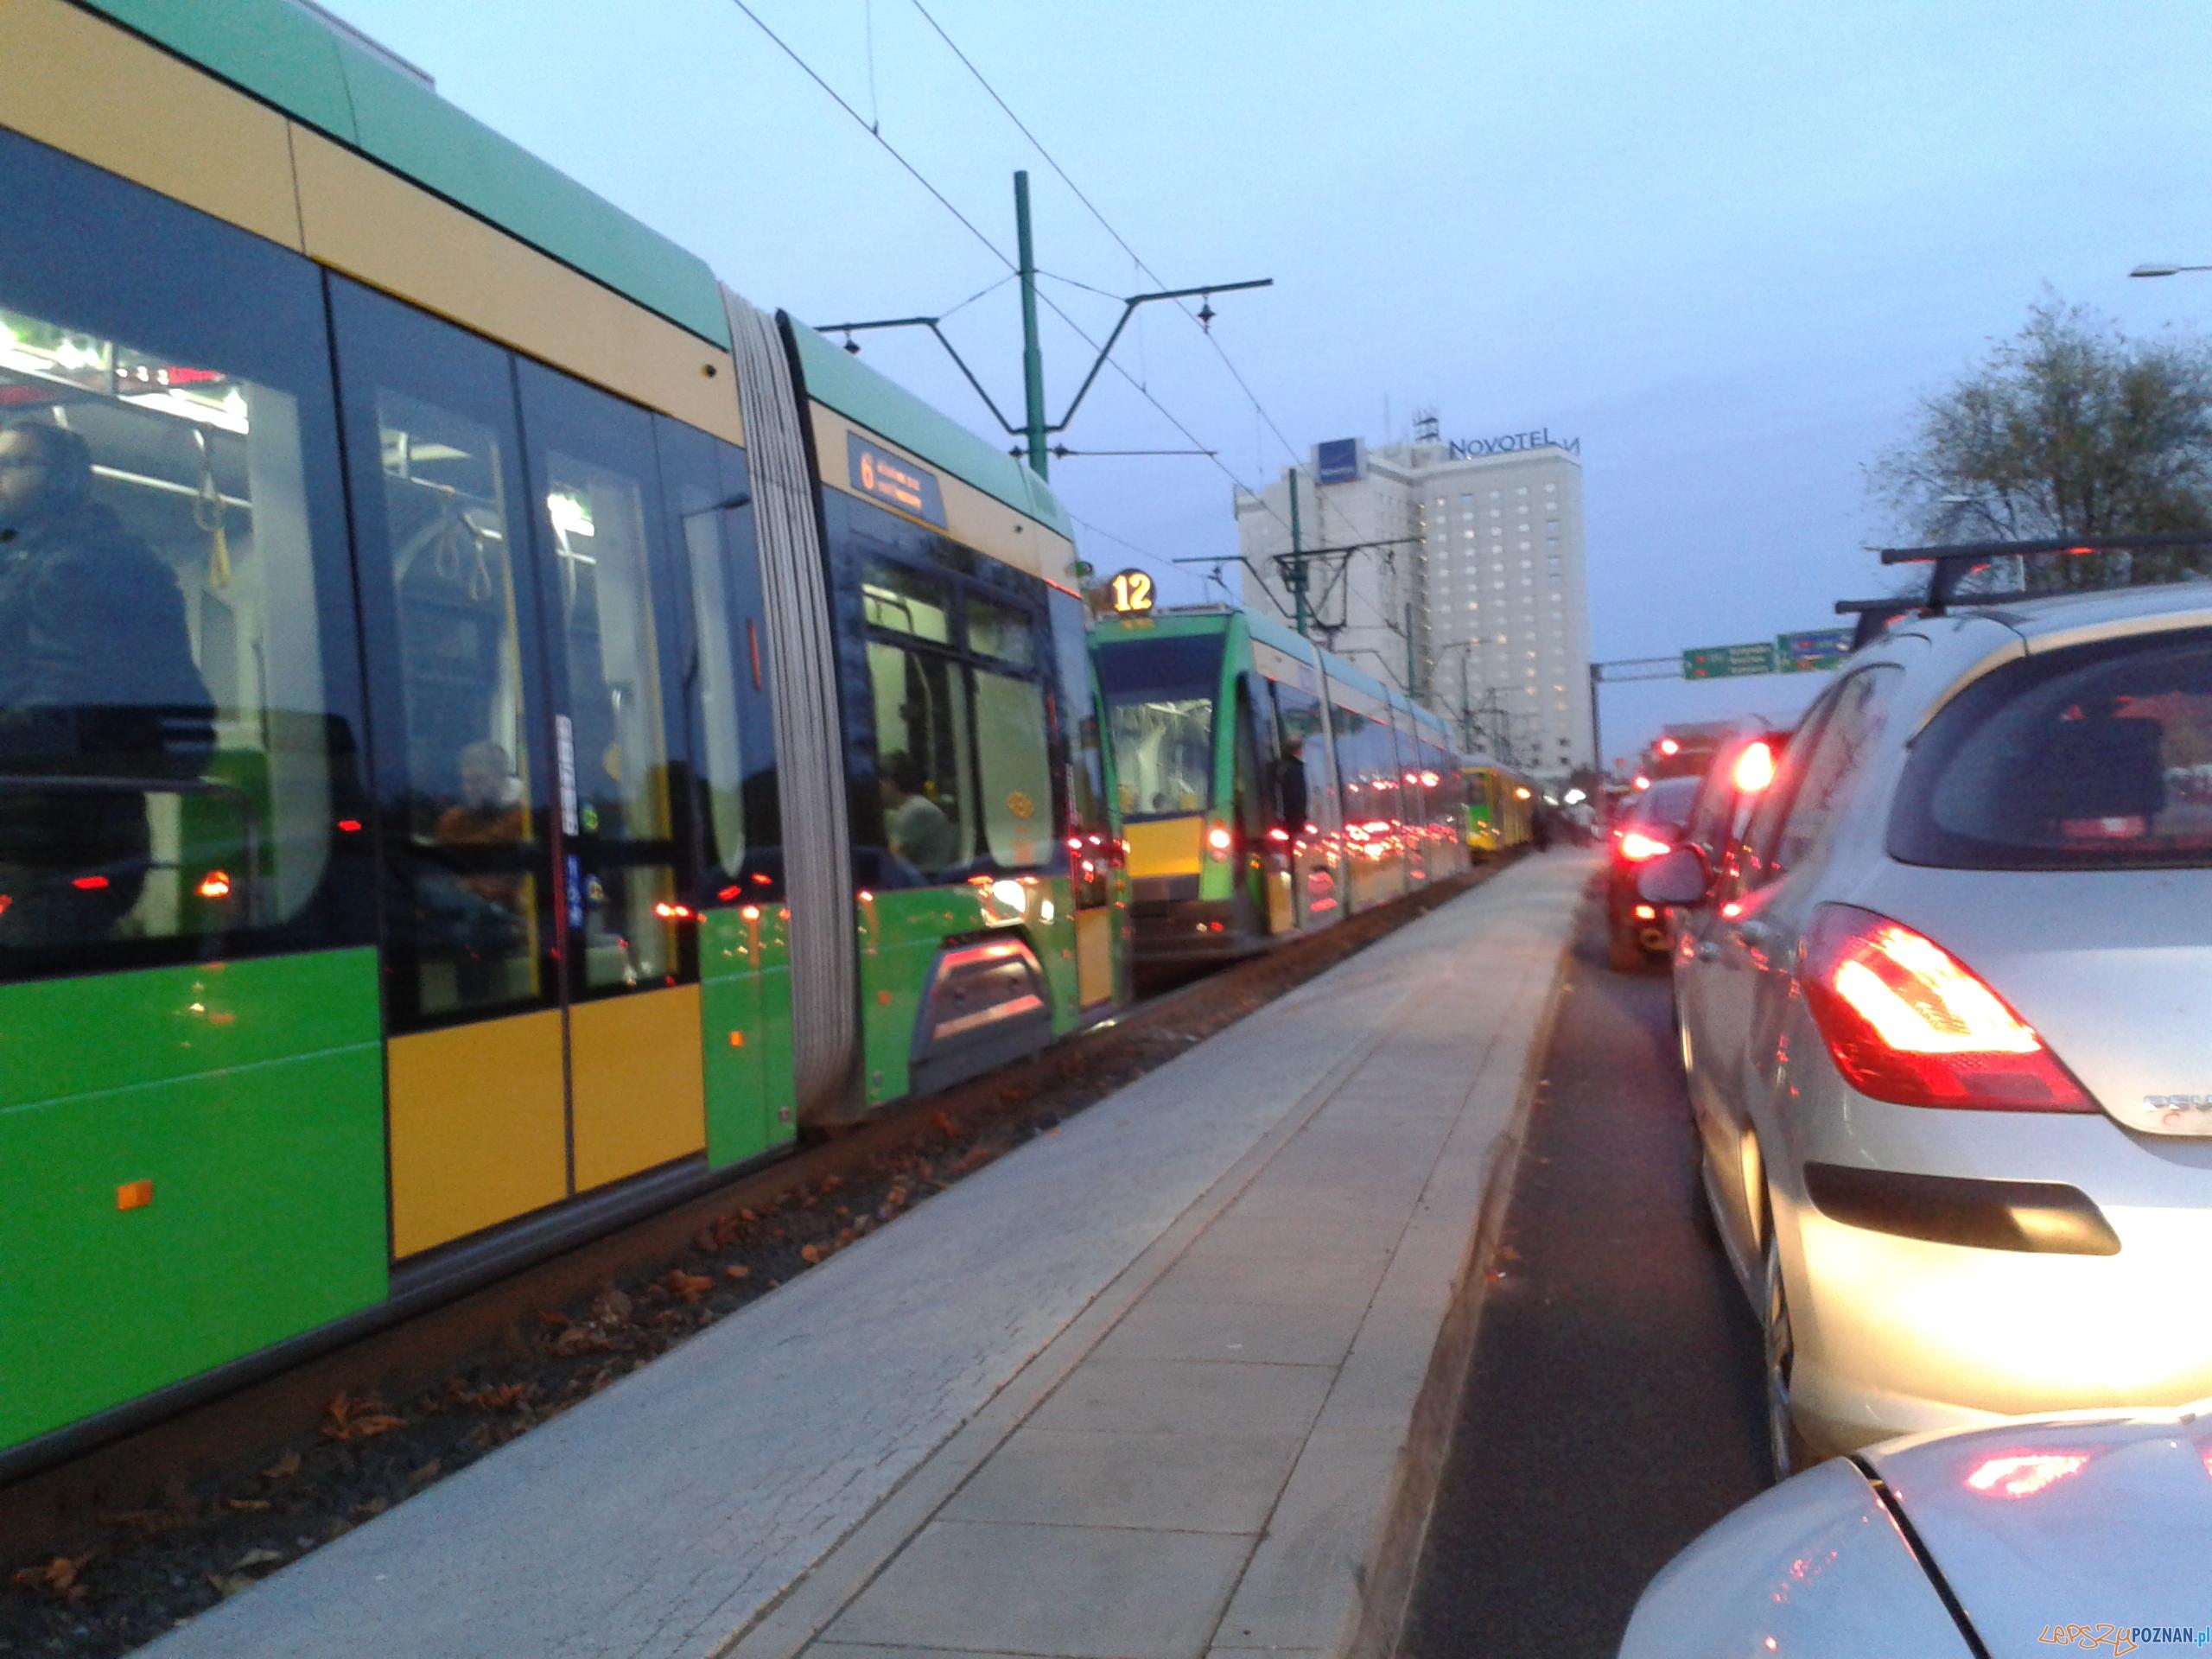 Wstrzymanie ruchu na Matyi  Foto: lepszyPOZNAN.pl / mobile